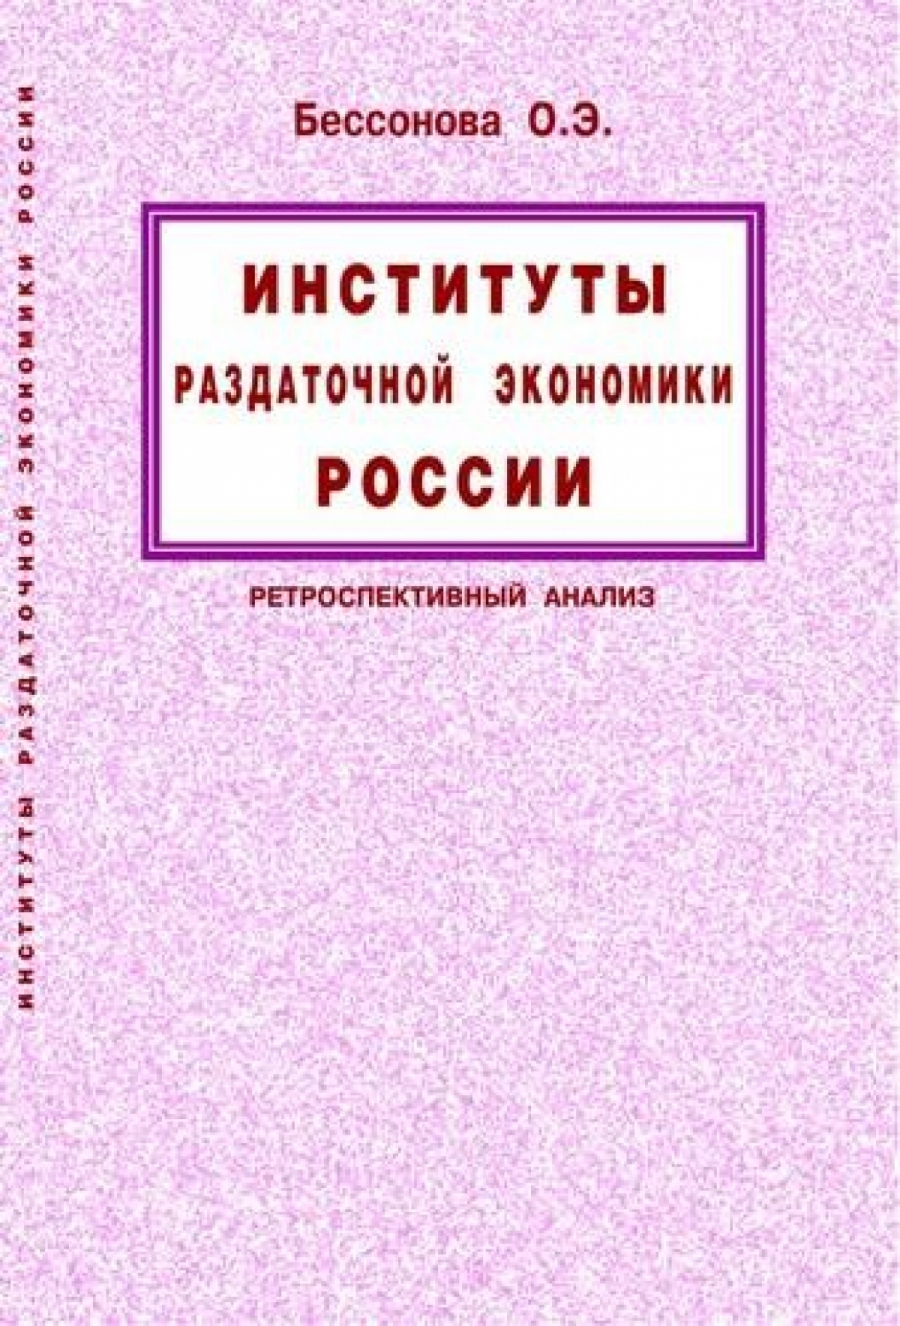 Обложка книги:  бессонова о.э. - институты раздаточной экономики россии. ретроспективный анализ